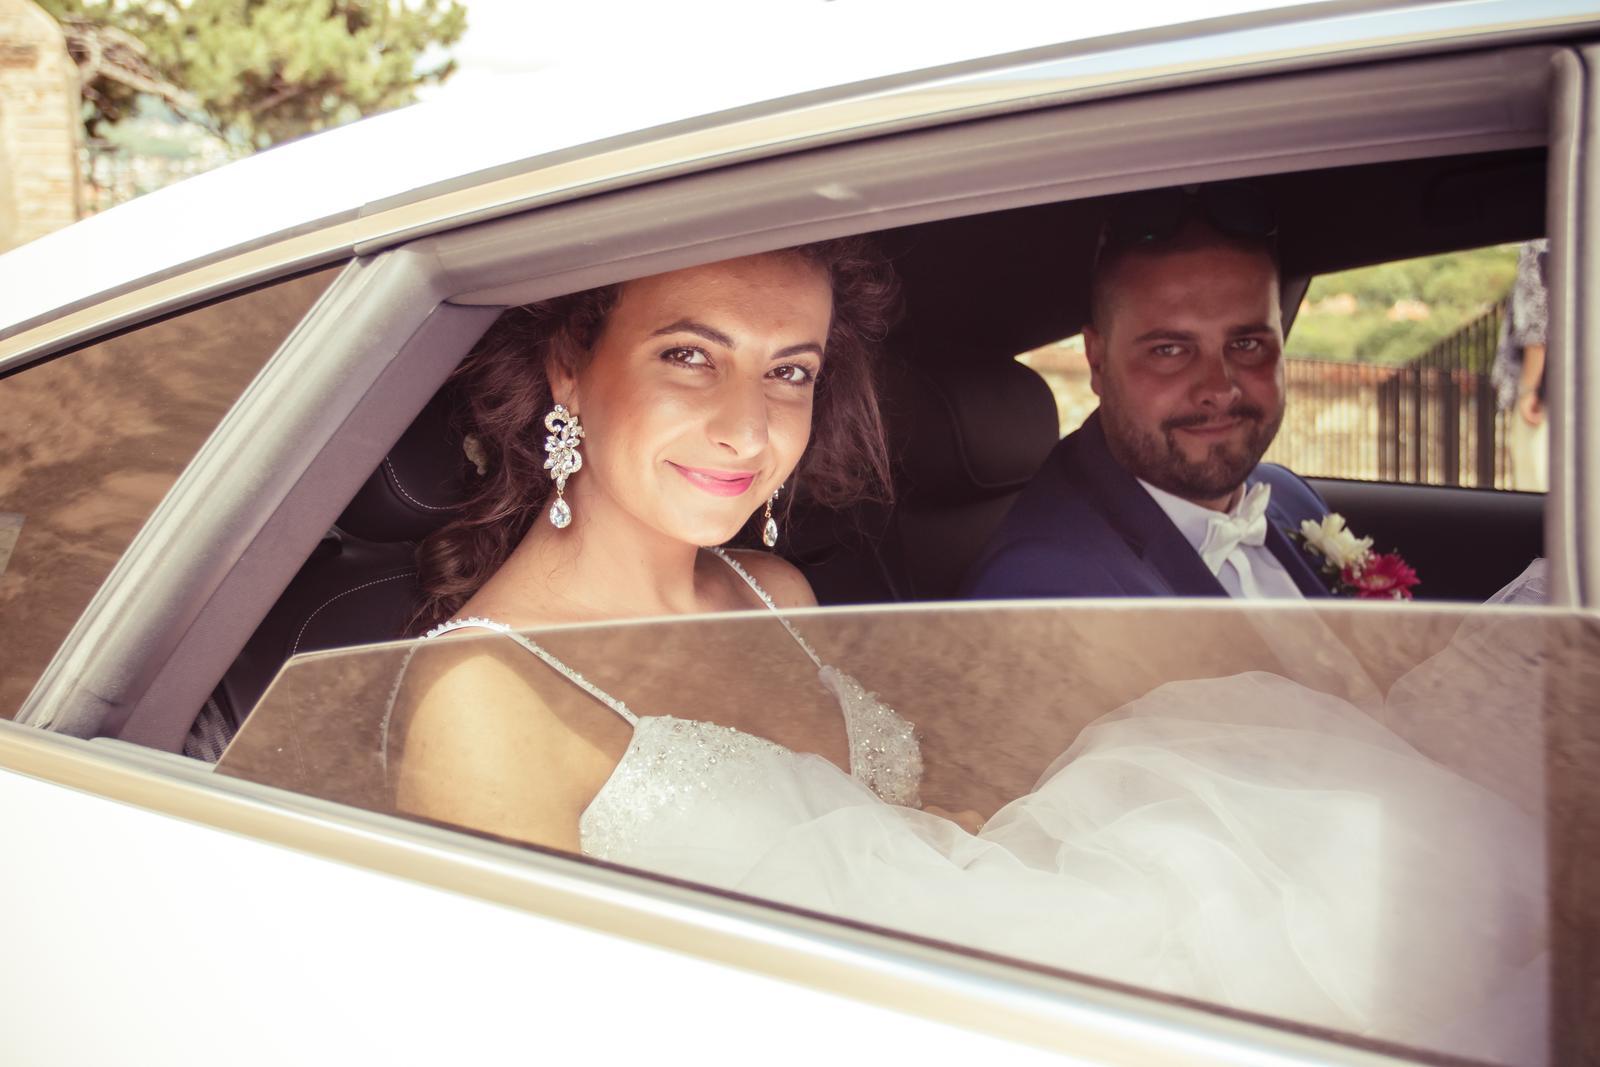 Naša svadba 1.7.2017 - Obrázok č. 22